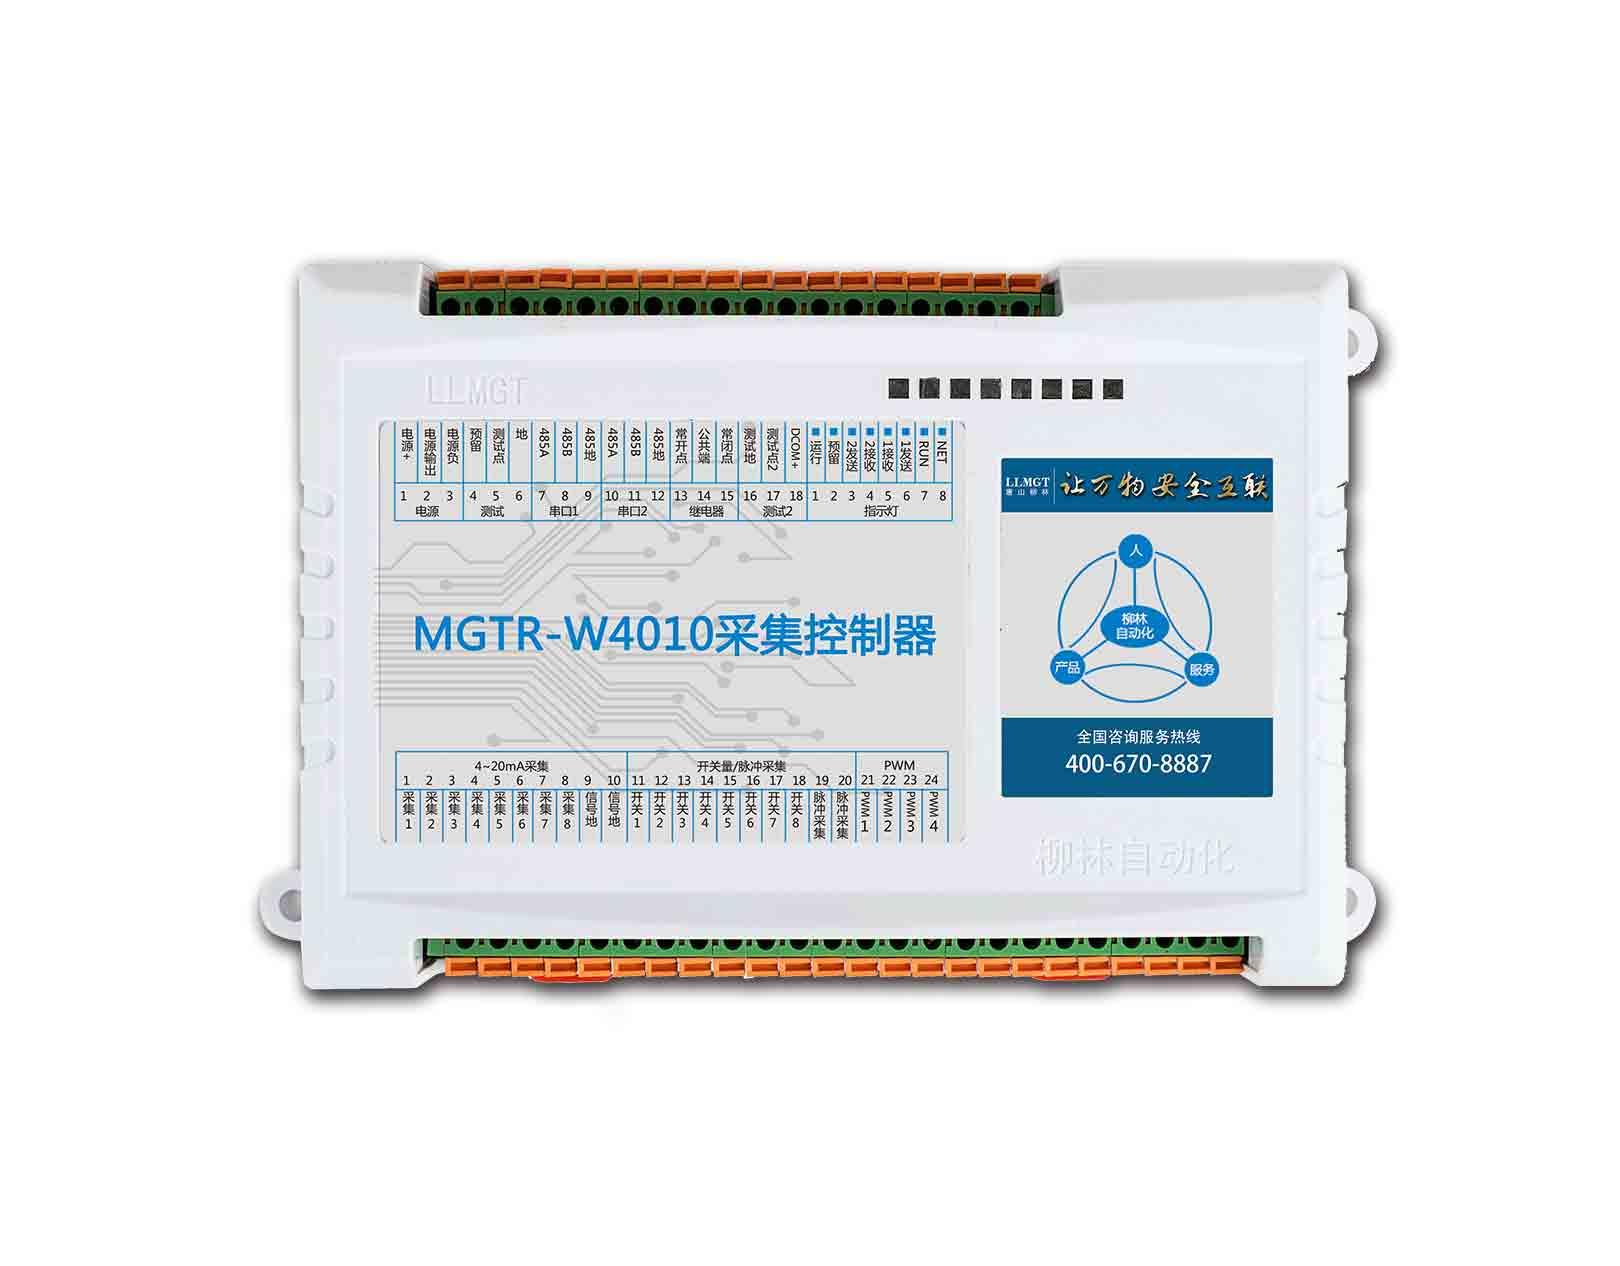 MGTR-W4010采集控制器